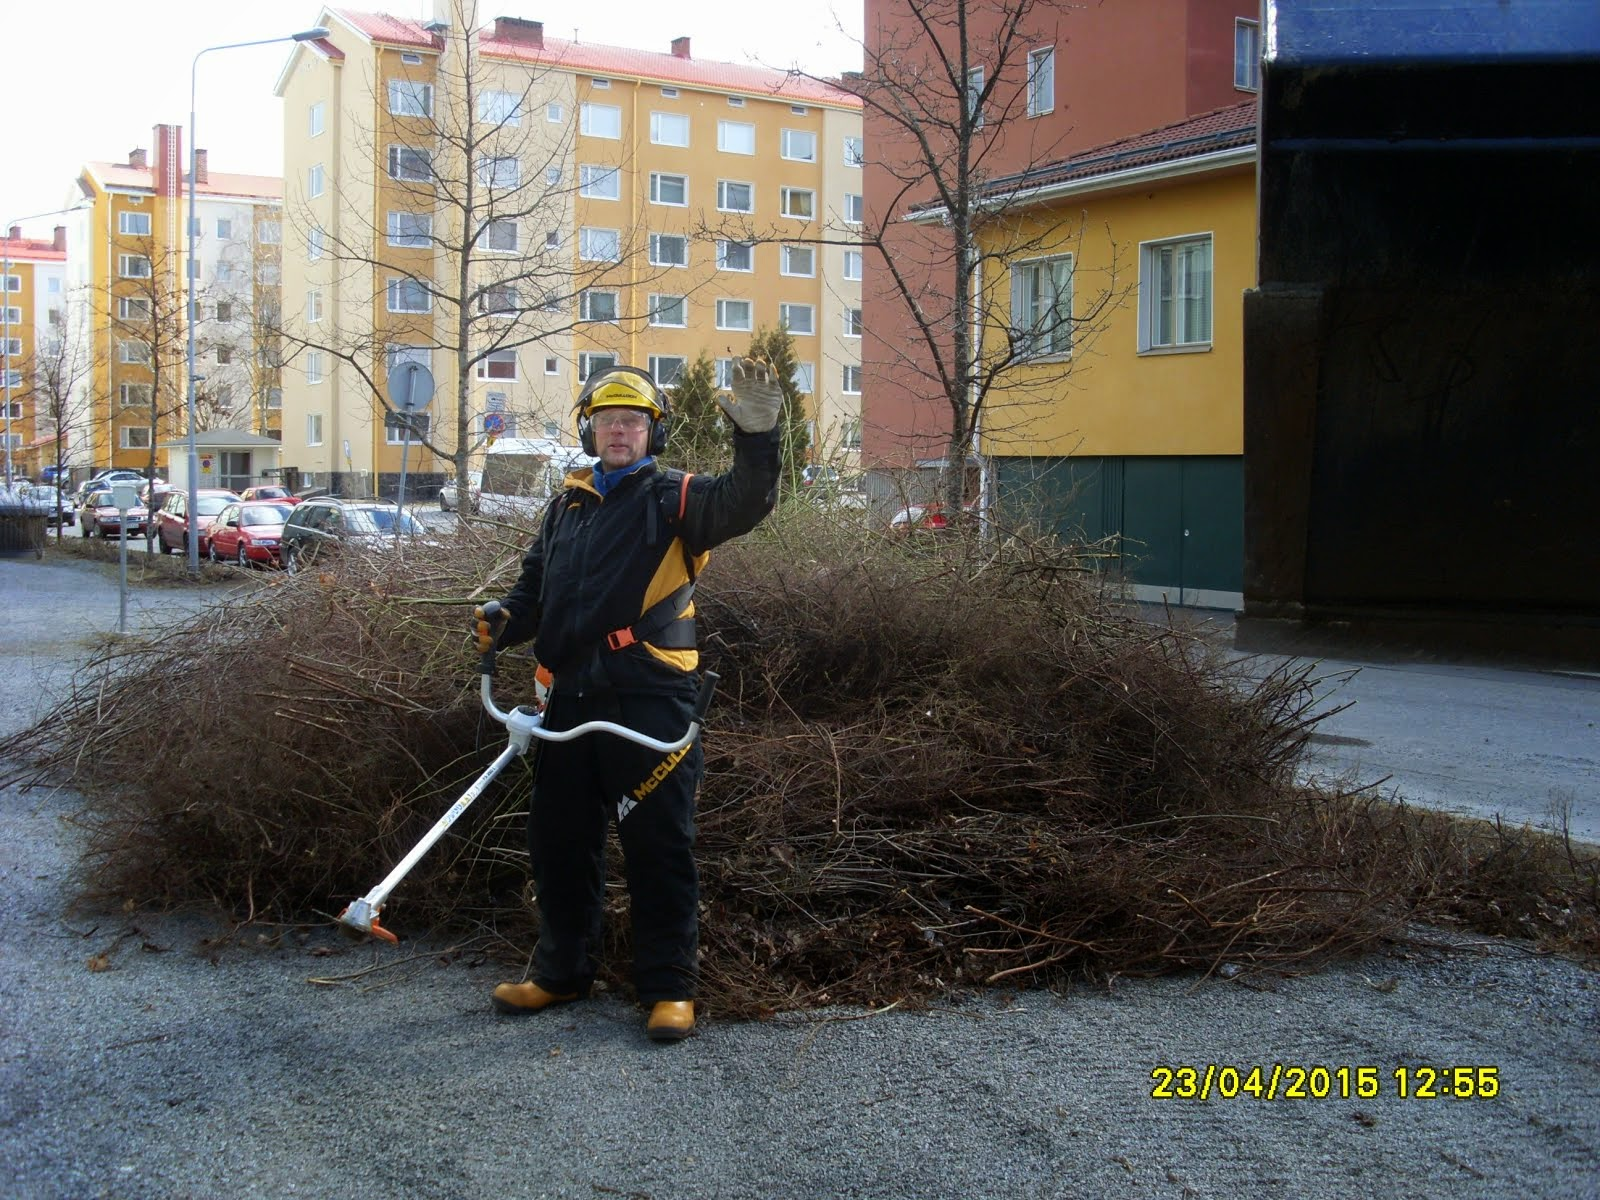 Pensasaitojen leikkaukset, pensaiden alasleikkaukset koko Pirkanmaalla tilaa sähköpostilla ;)